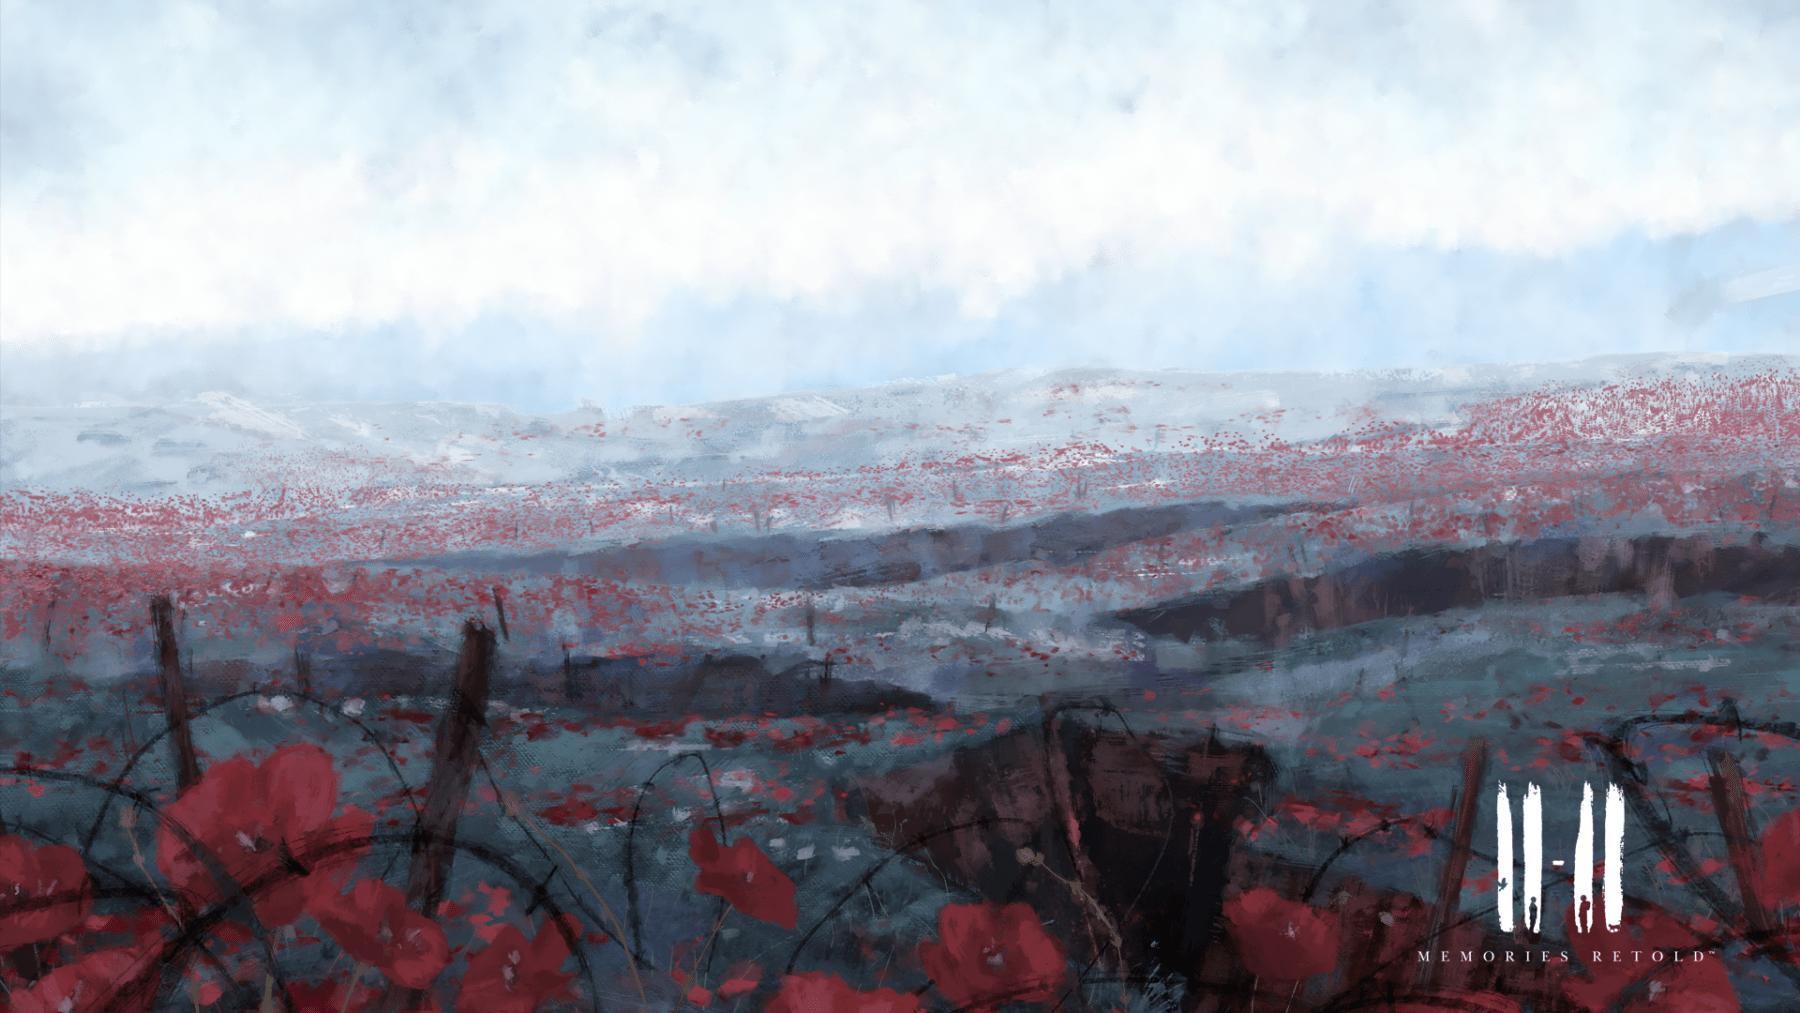 Bandai Namco y Aardman Studios se unen para la aventura de la Primera Guerra Mundial basada en la historia 11-11: Memories Retold